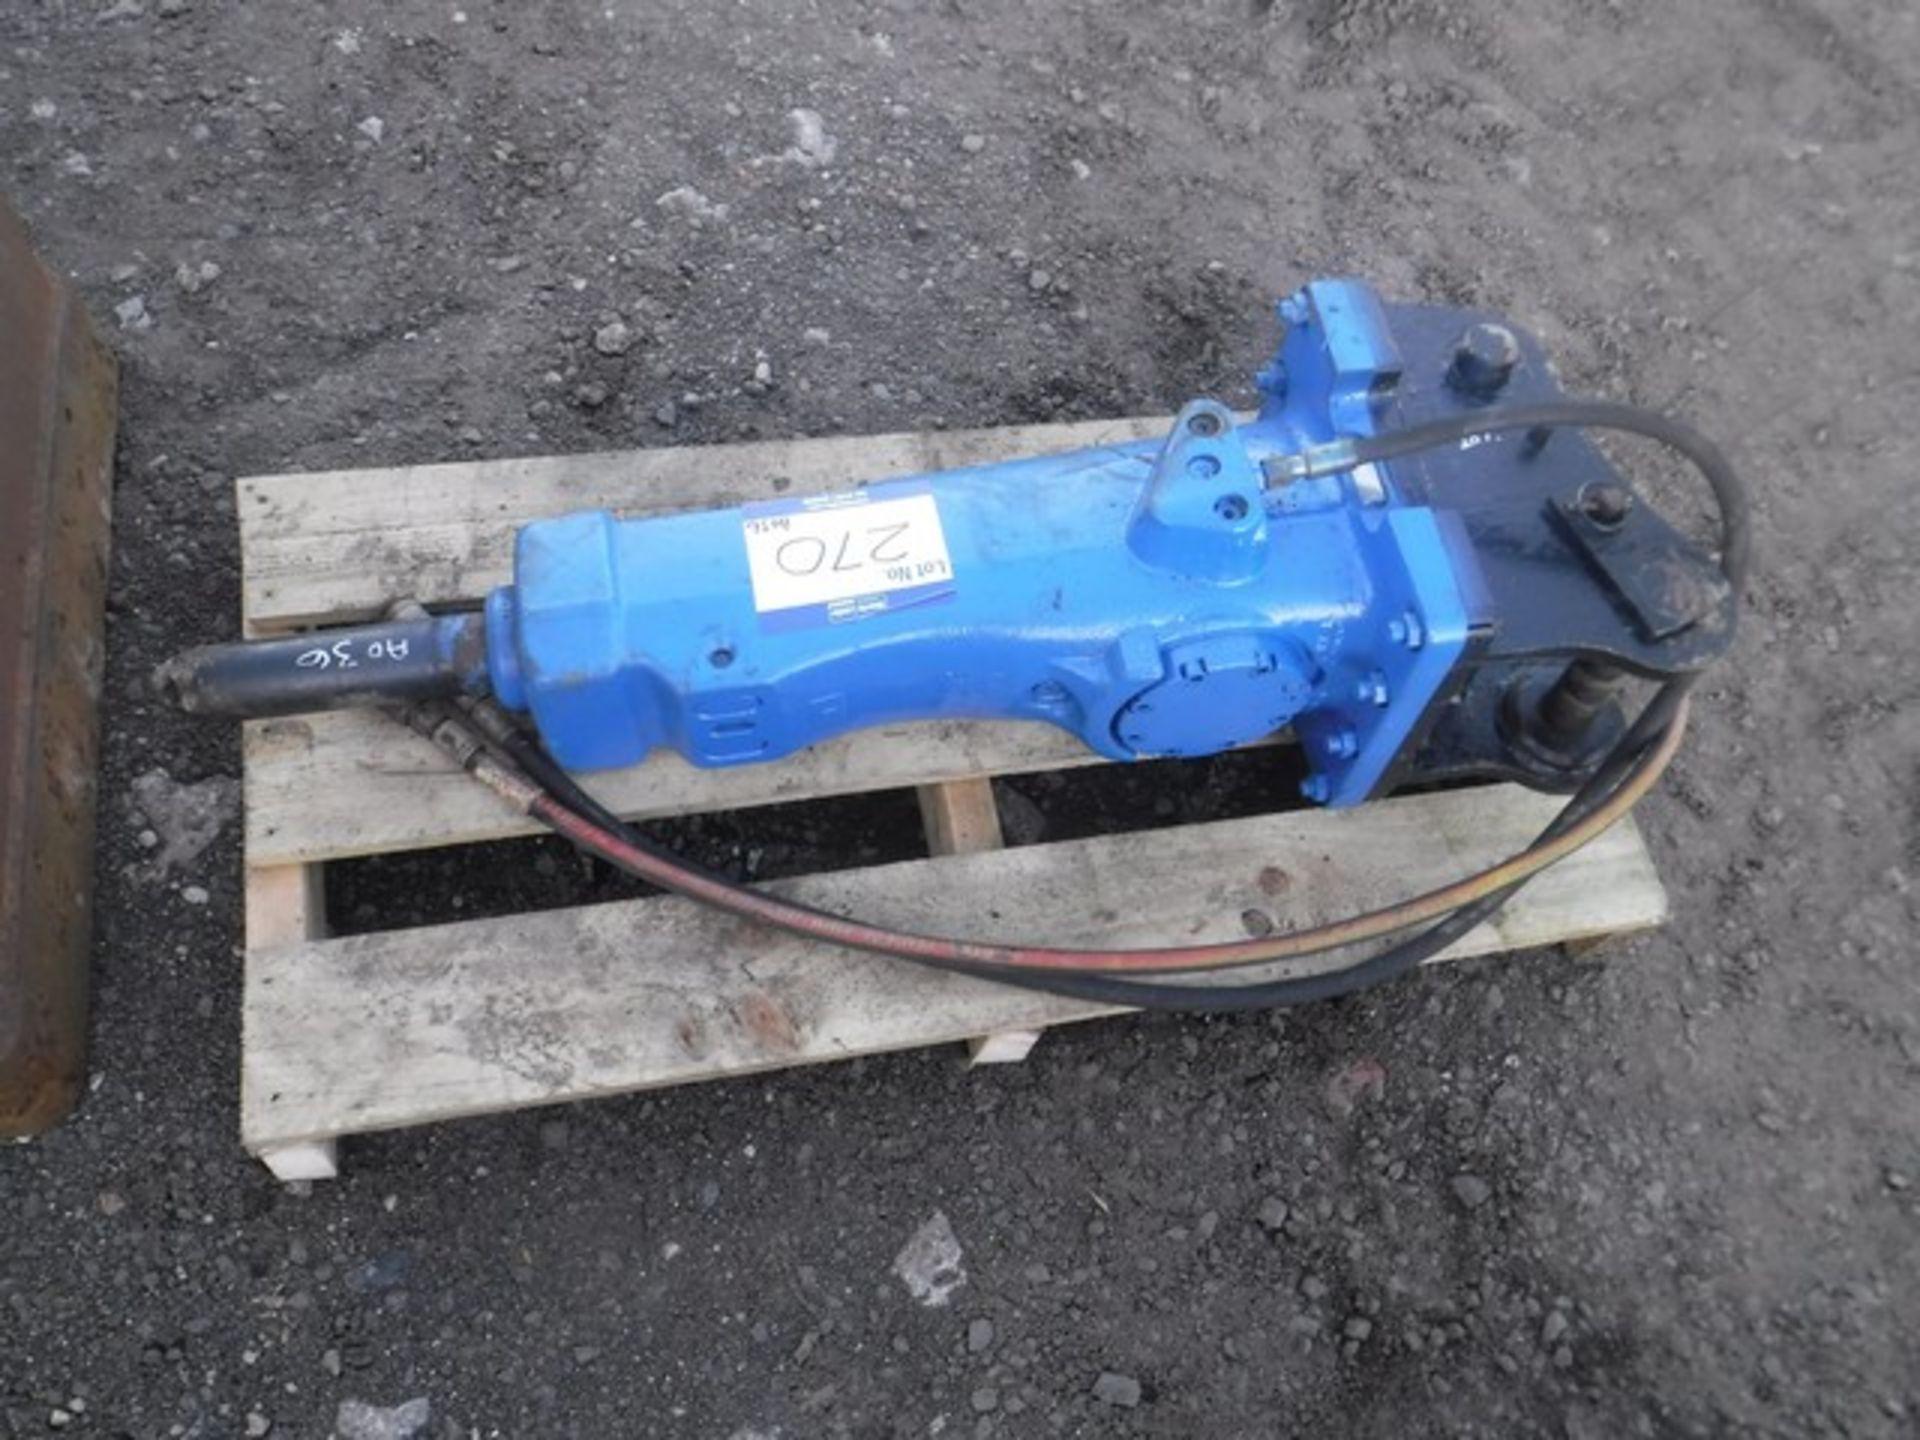 Auktionslos 270 - 2007 ATLAS COPCO hydraulic breaker